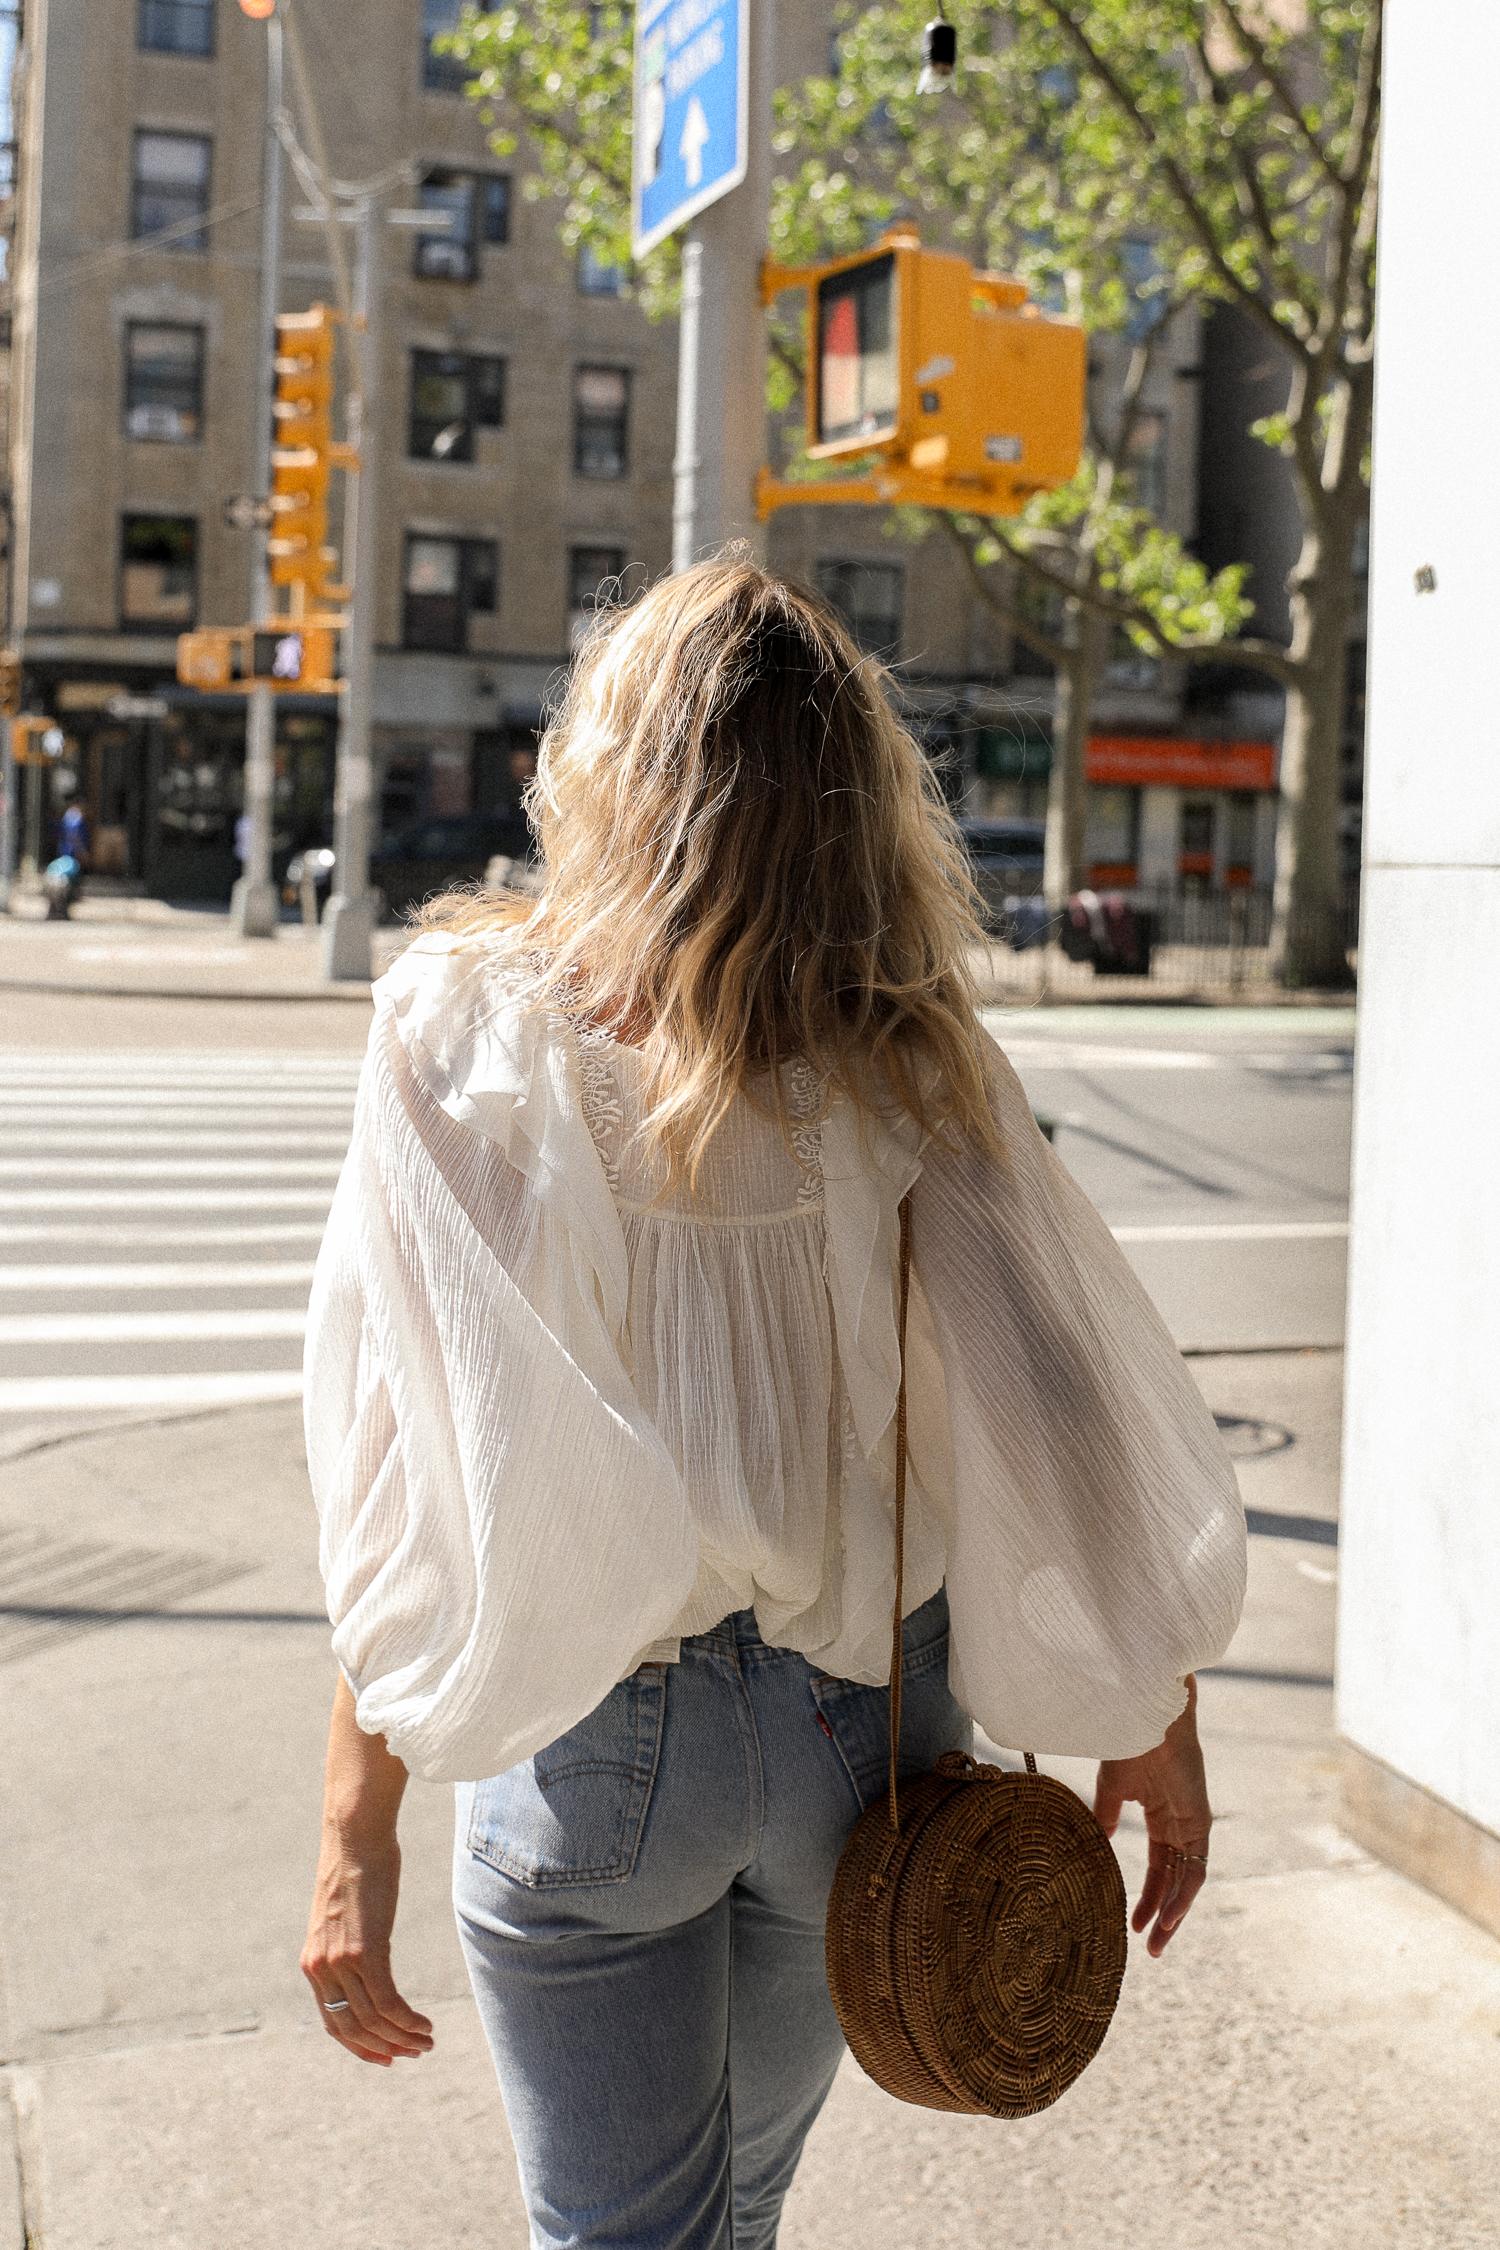 d4615ea8c940 Net-A-Porter X Chloe in New York